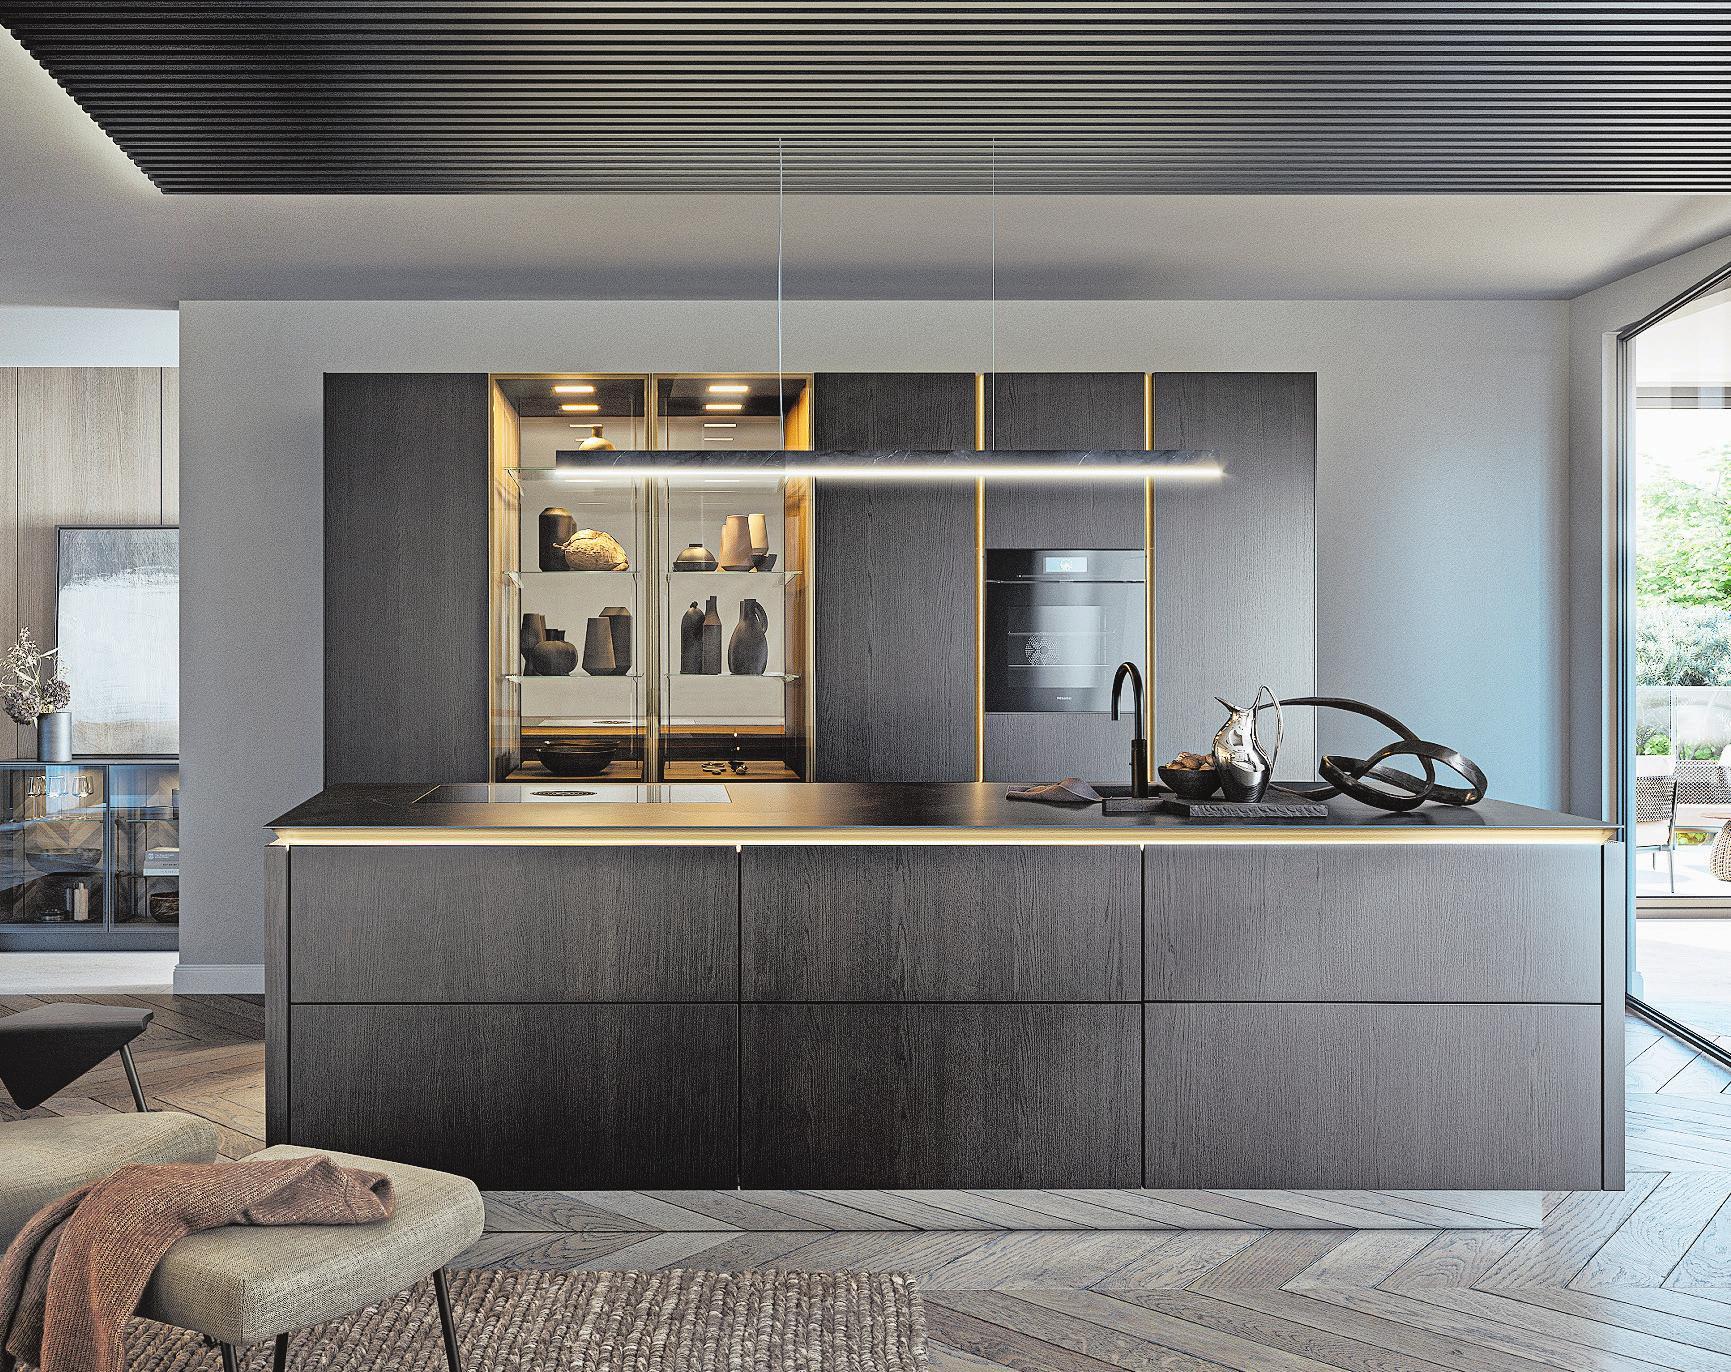 Die Wahl der Farben bestimmt, ob ein Raum als einladend, elegant oder gemütlich empfunden wird. Bild: Siematic